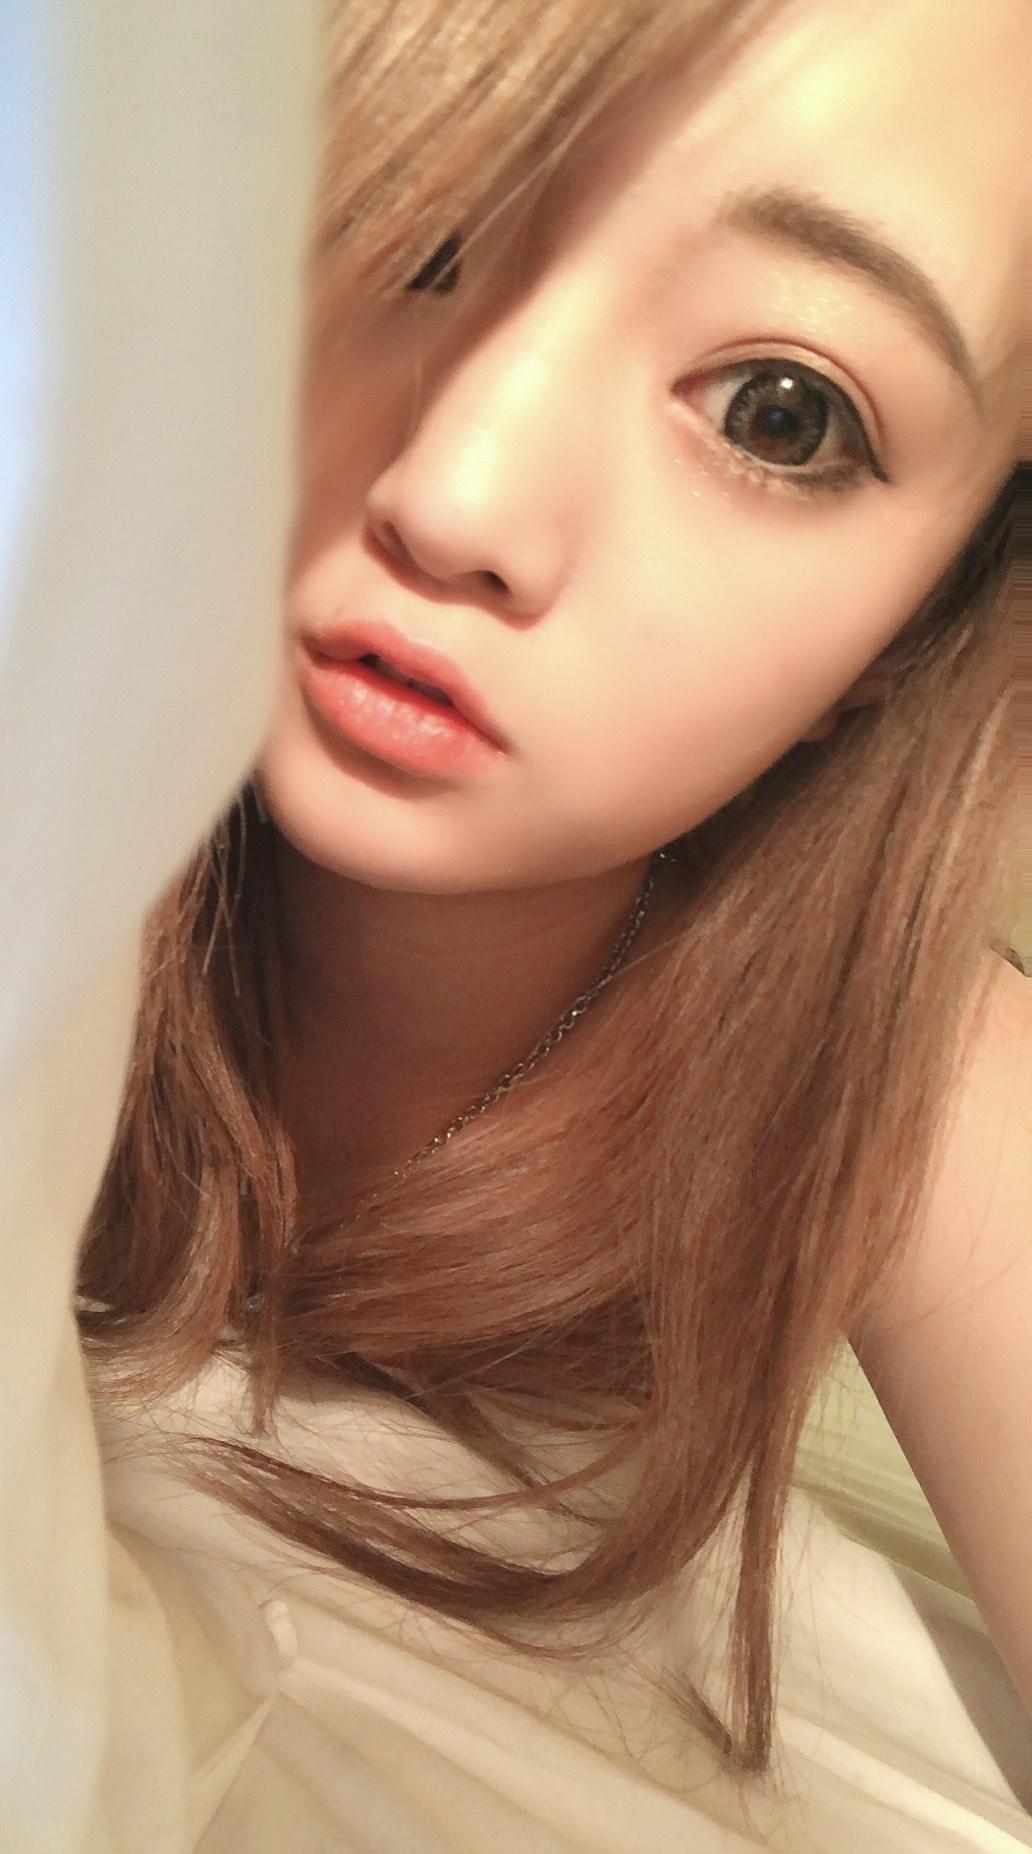 「♡♡♡」01/12(01/12) 11:46 | きららの写メ・風俗動画